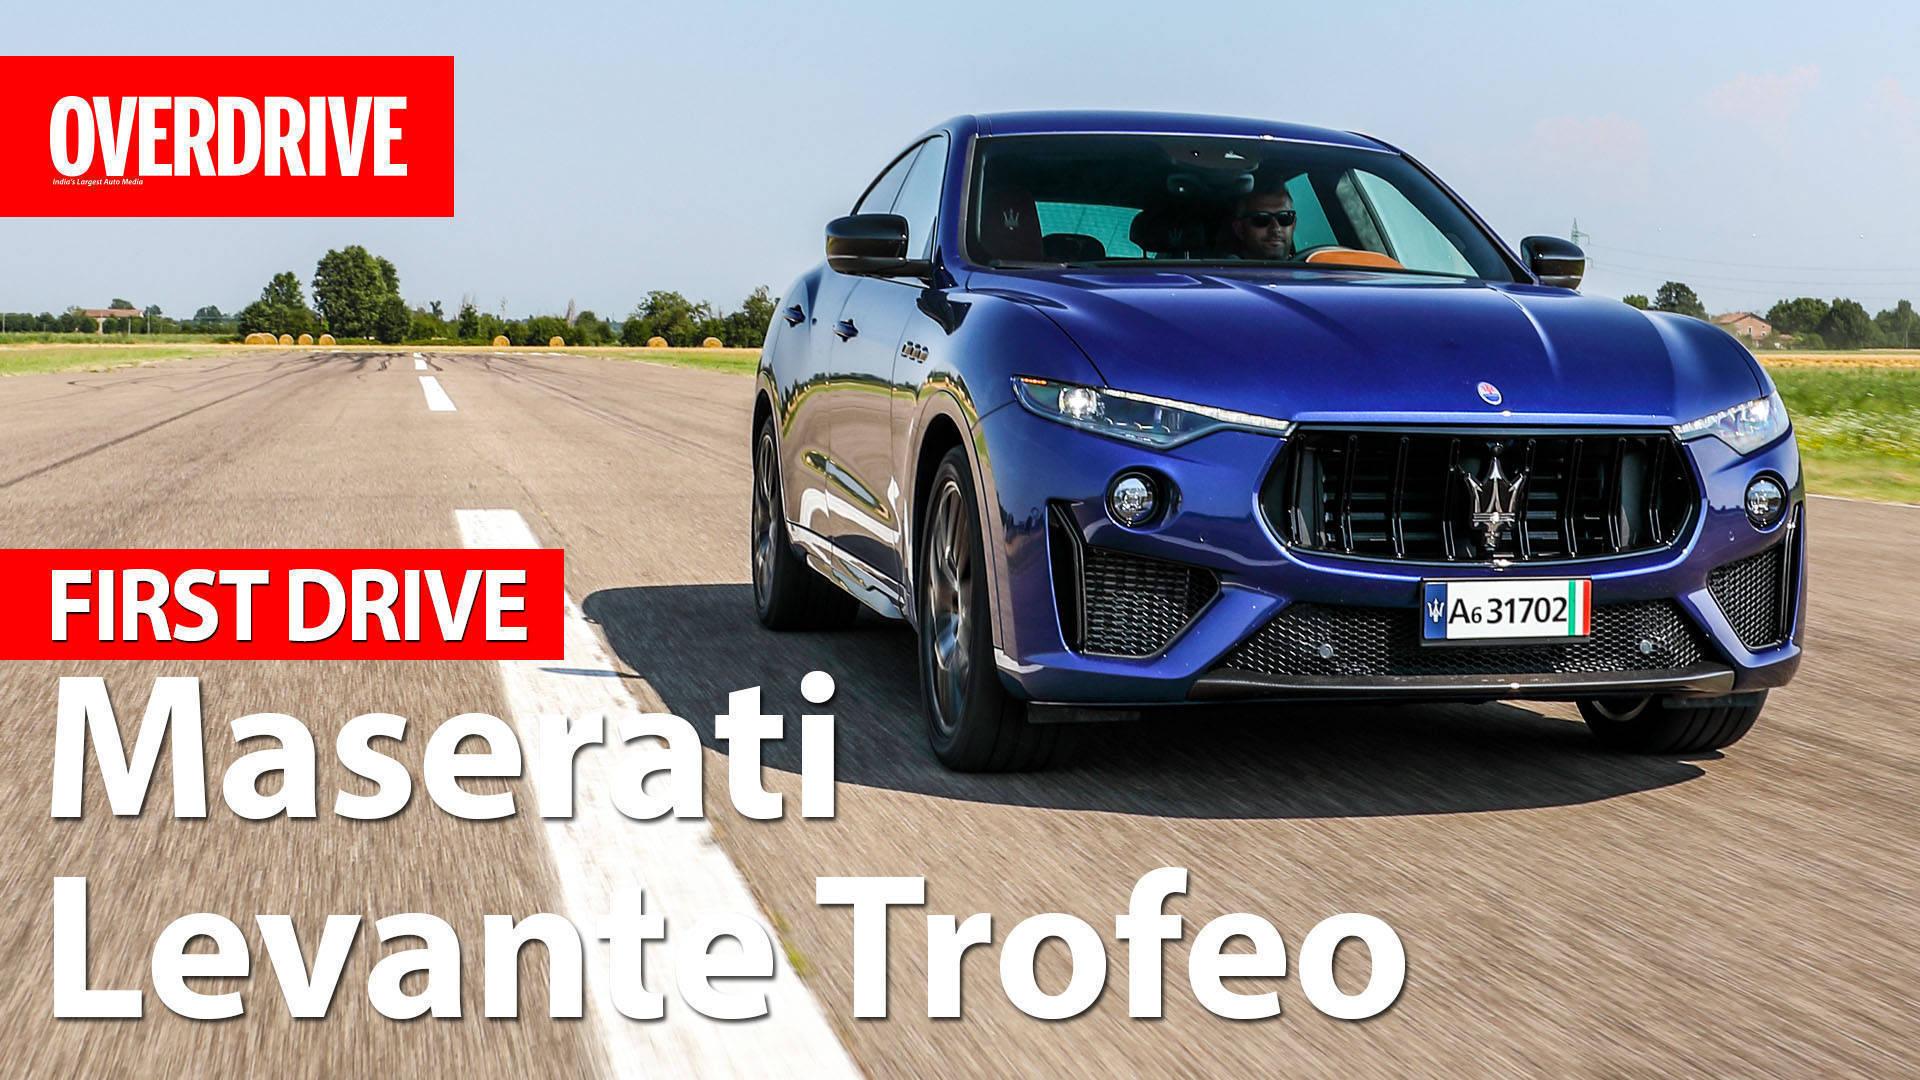 Maserati Levante Trofeo - First Drive